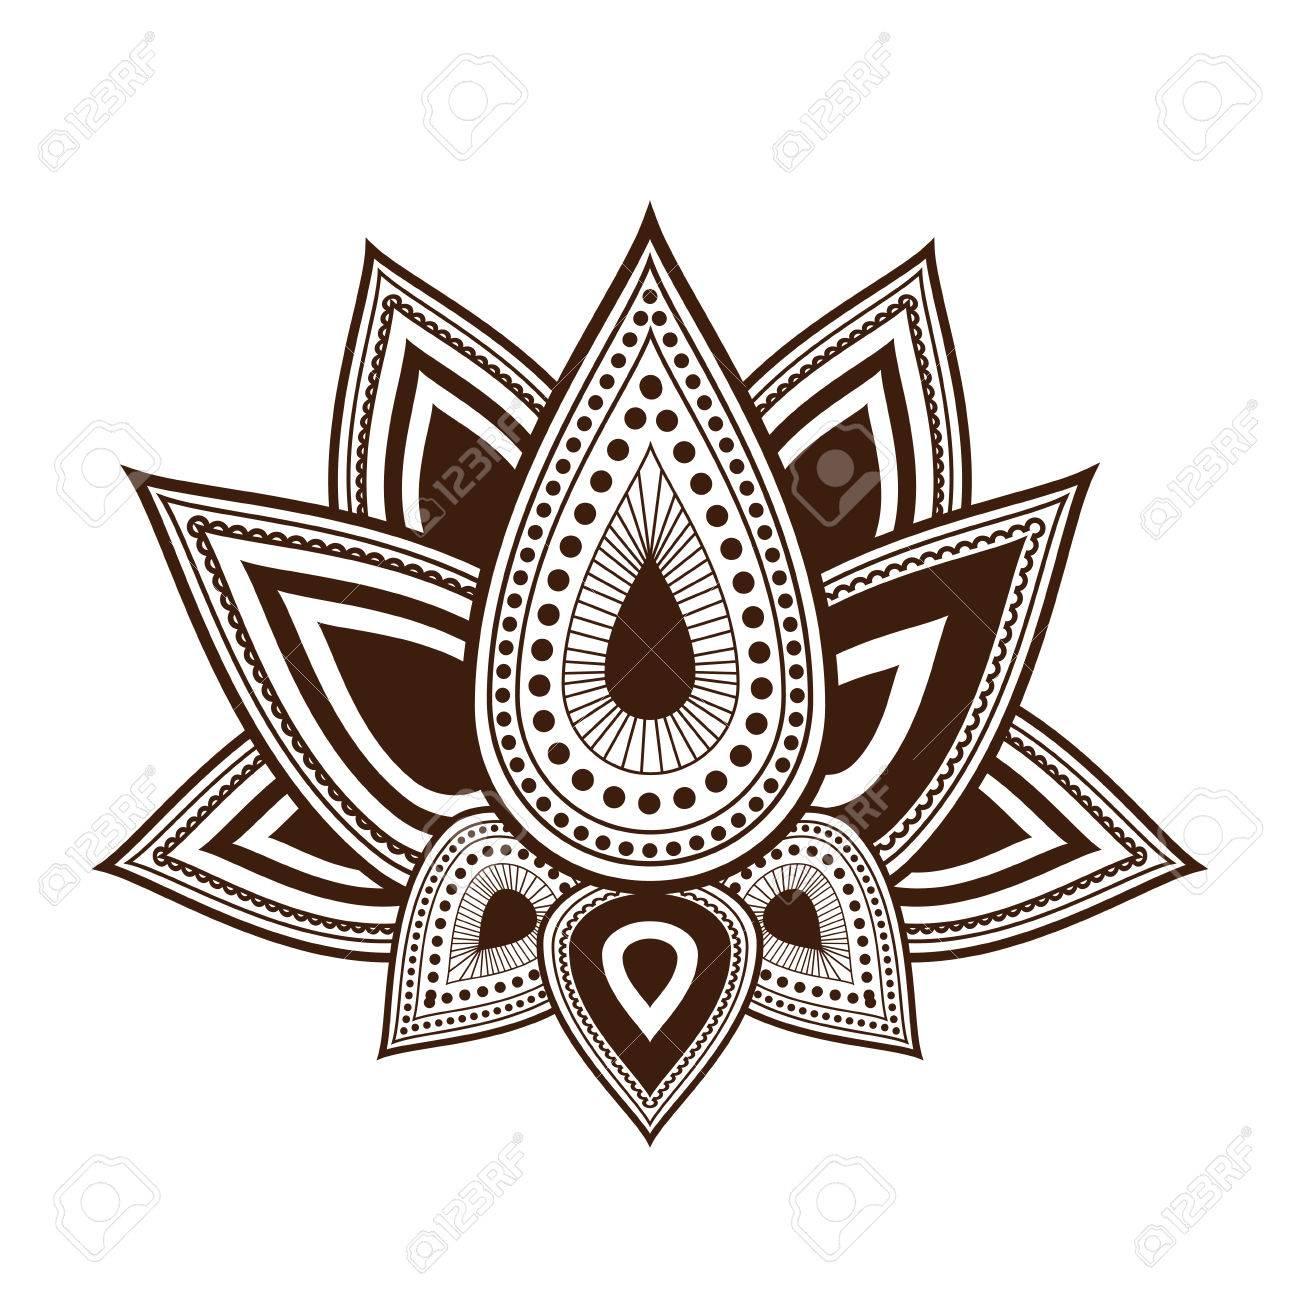 Dessin De Fleur De Lotus Icone Isole Design Vecteur Illustration